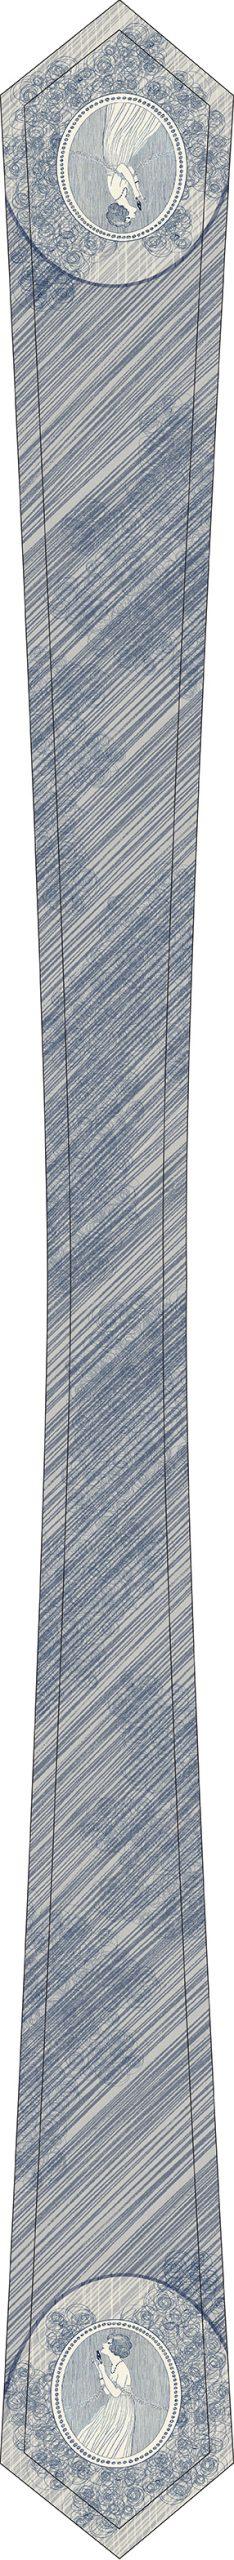 cravate femme blanche et bleue